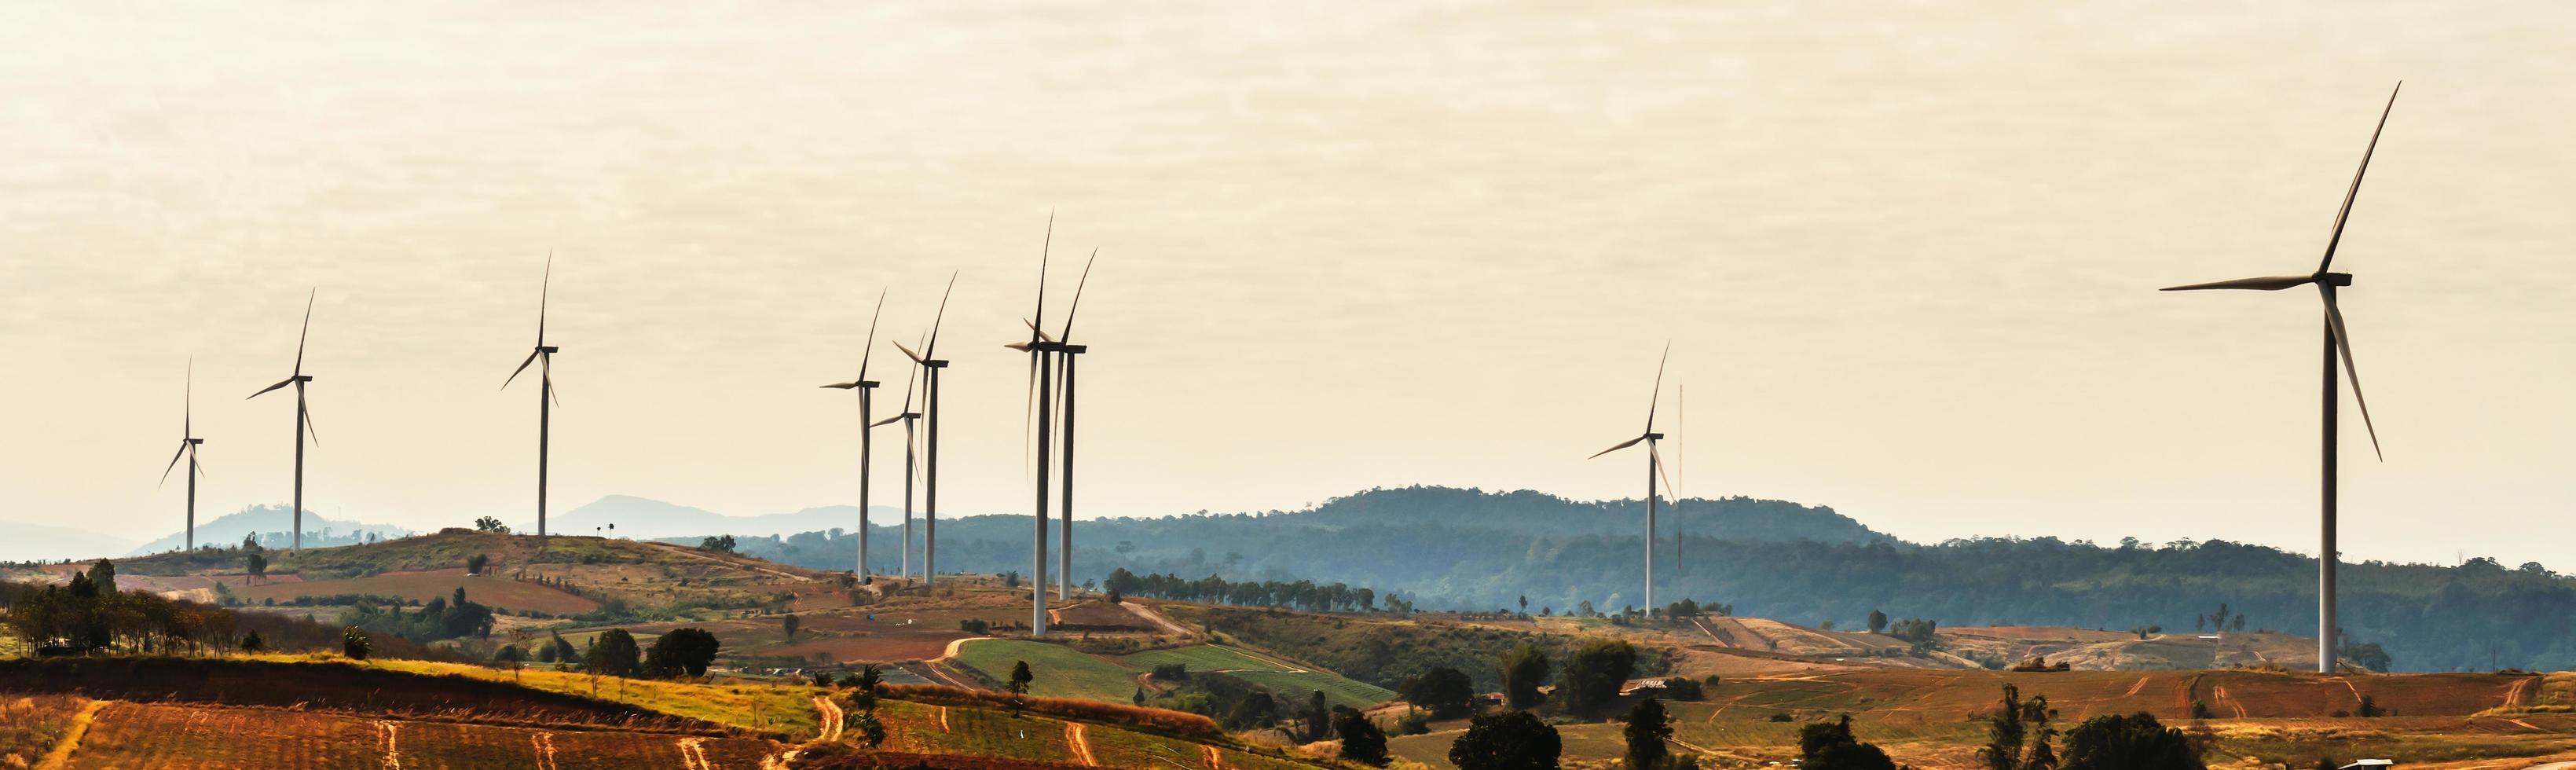 turbinas de viento se mueven en una tarde soleada foto